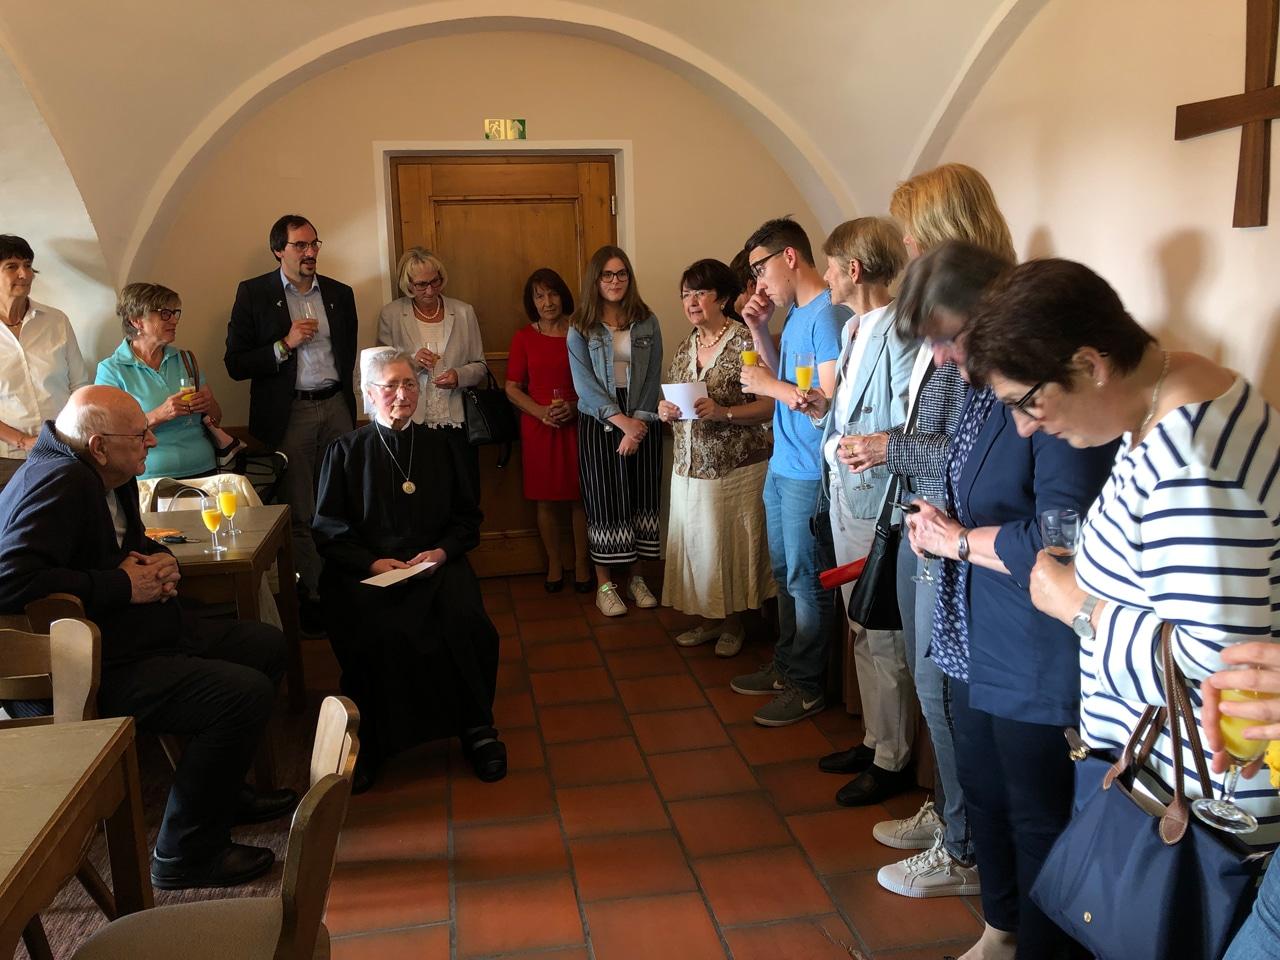 St. Felicitas Schwesternschaft Hörzhausen, Inge Eberle begrüßt ihre Gäste